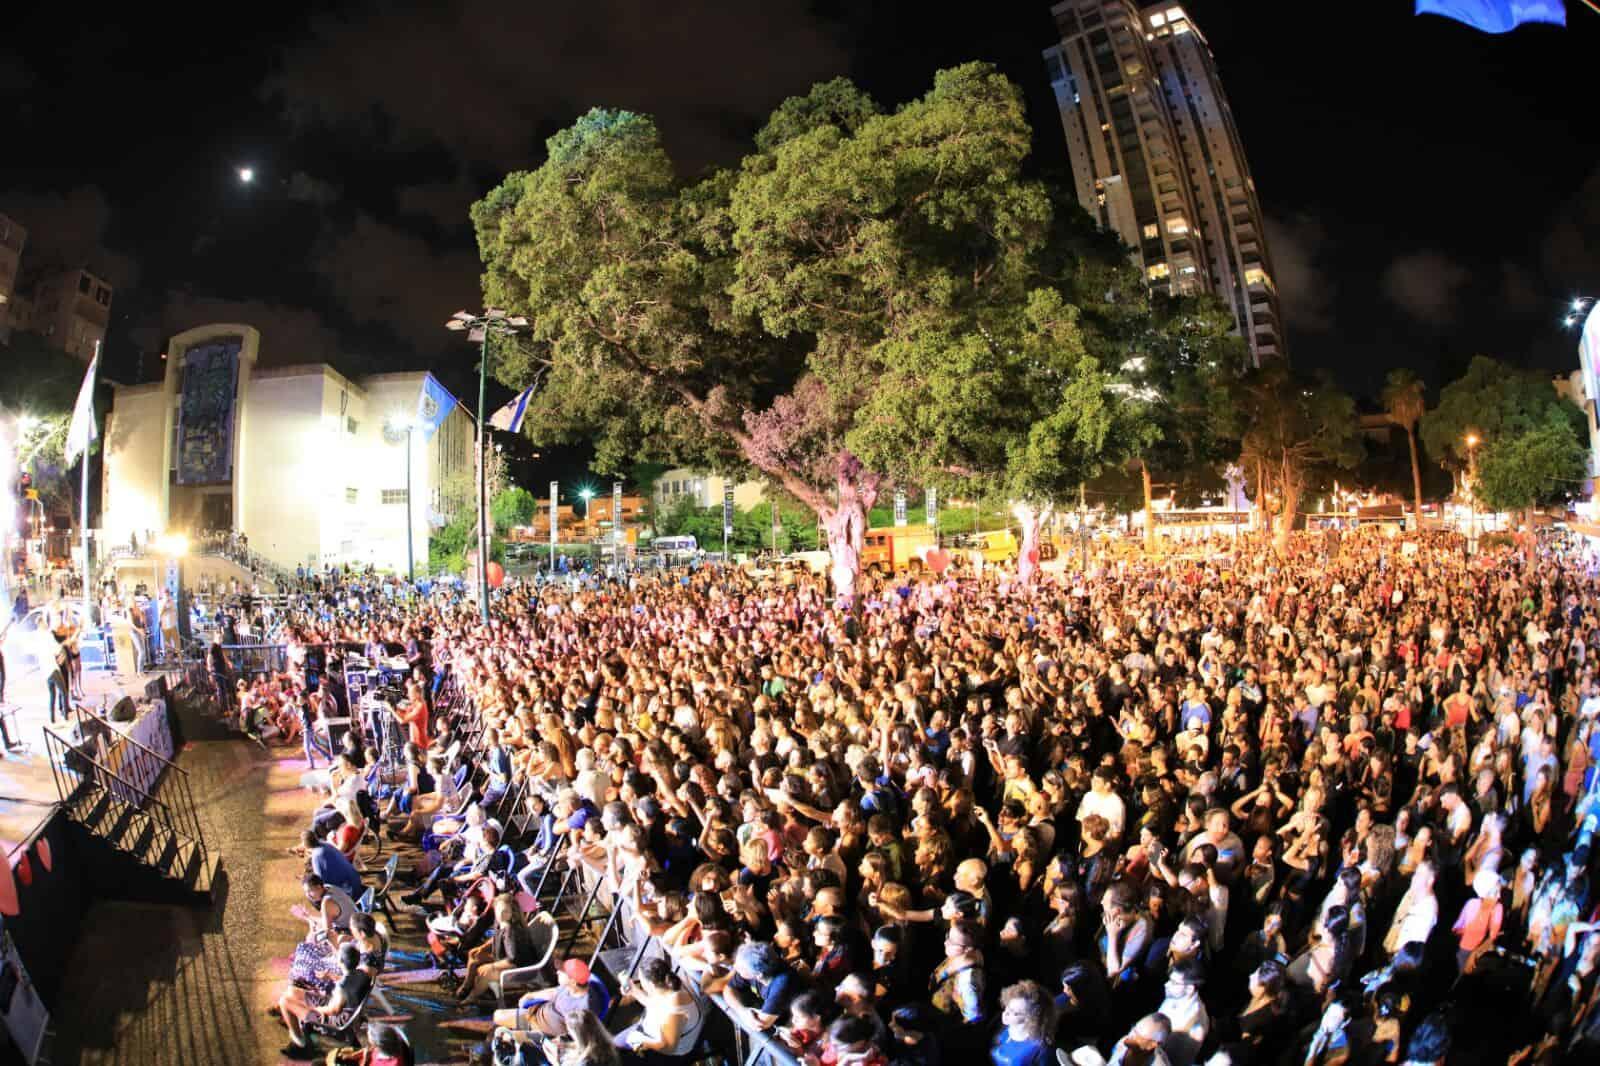 הקהל הצביע ברגליים, צילום: שלומי מזרחי